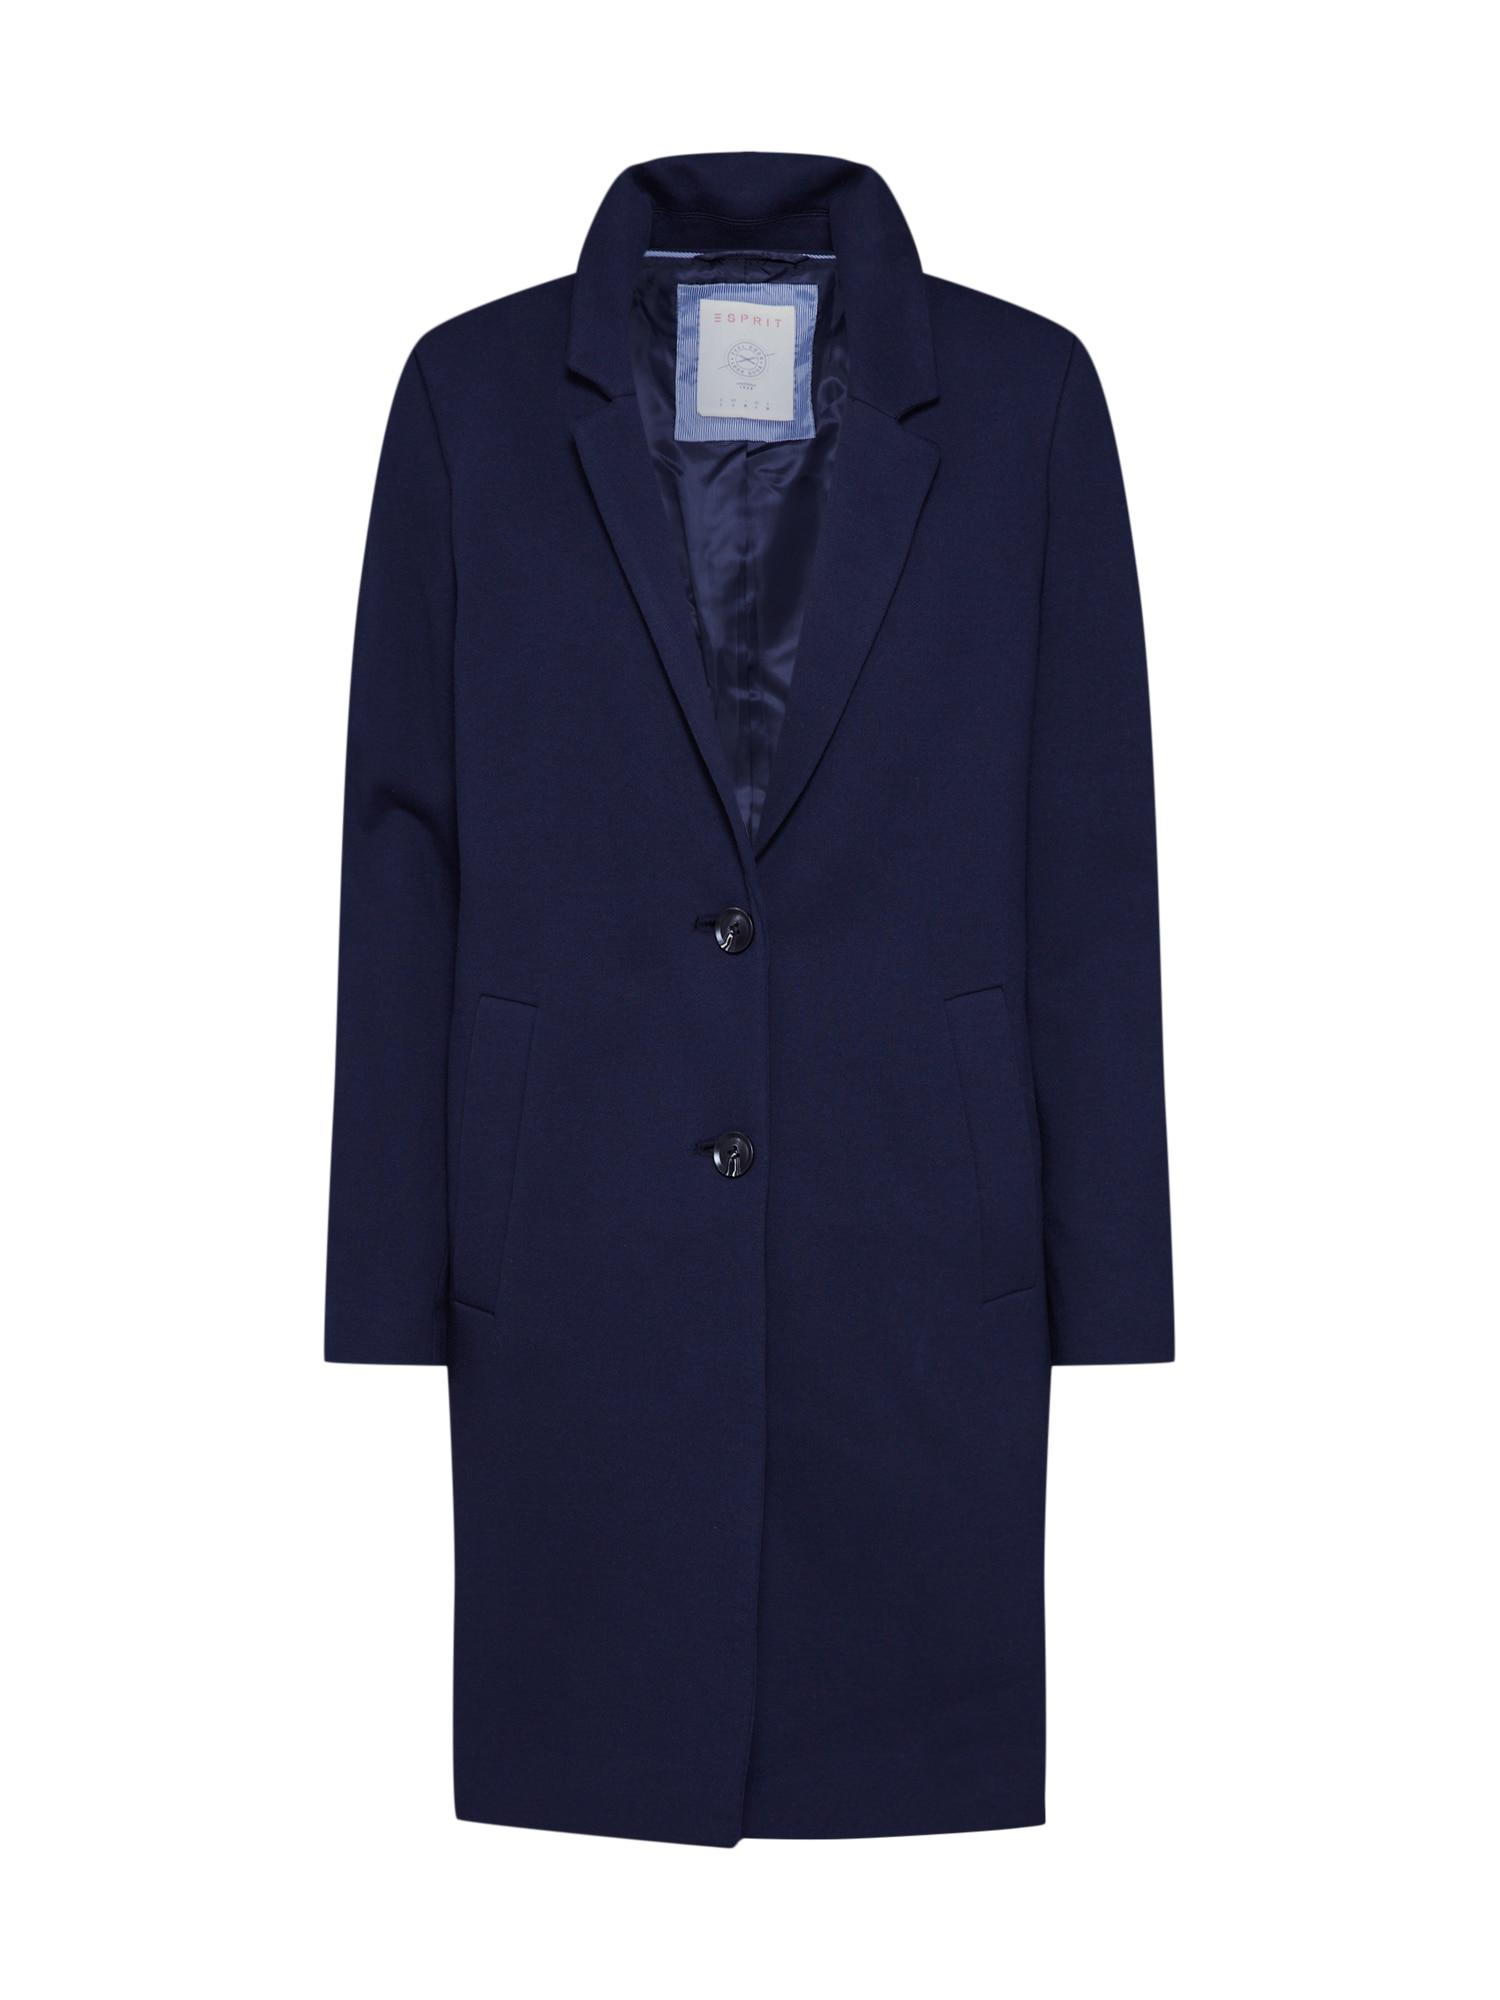 ESPRIT Přechodný kabát 'Blazer Coat'  námořnická modř